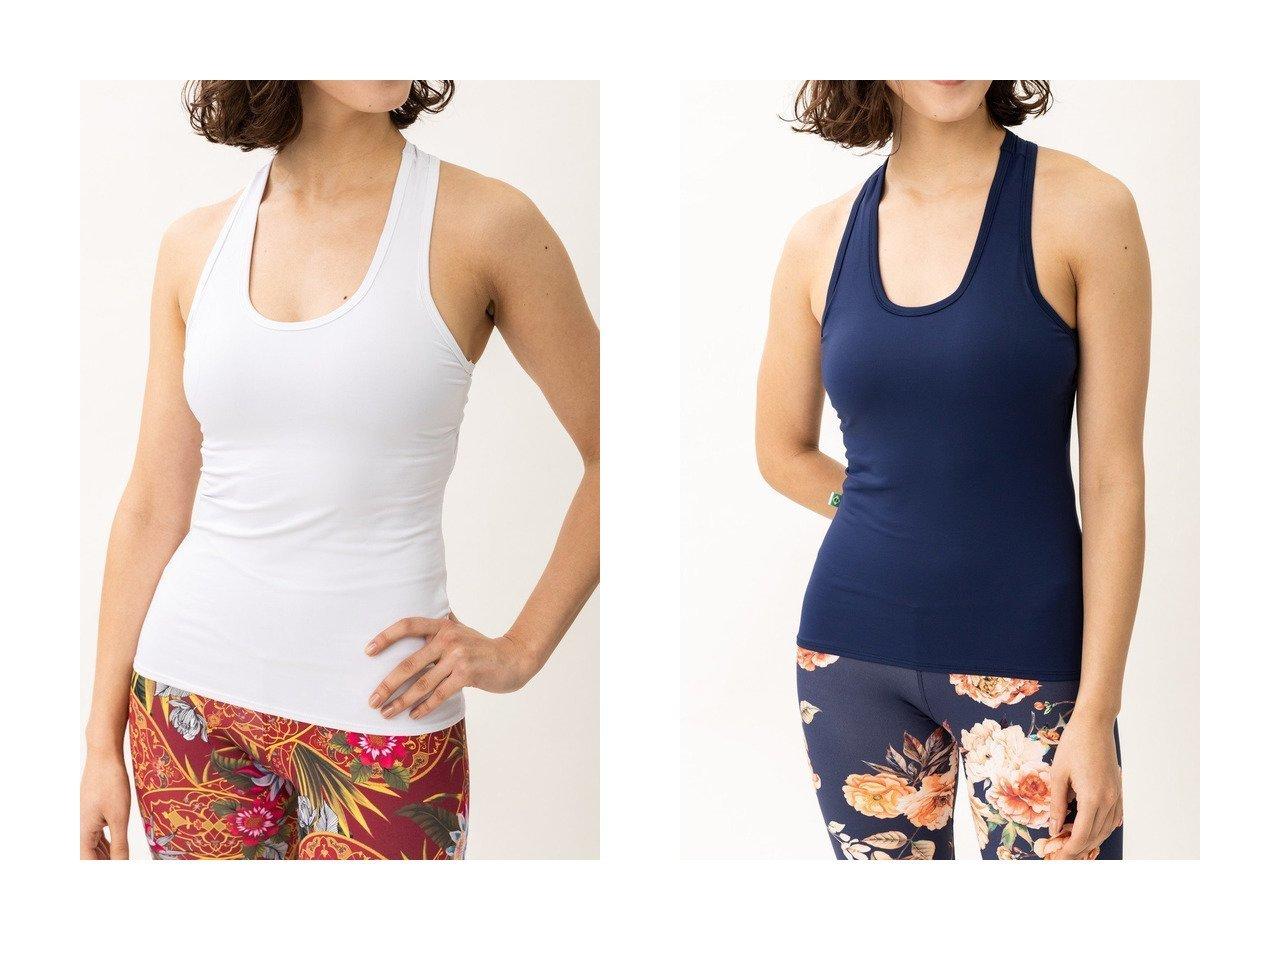 【Women's Health/ウィメンズヘルス】の【Linda Works】オープンバックタンク スポーツ・ヨガウェア、運動・ダイエットグッズなどのおすすめ!人気ファッション通販 おすすめで人気の流行・トレンド、ファッションの通販商品 メンズファッション・キッズファッション・インテリア・家具・レディースファッション・服の通販 founy(ファニー) https://founy.com/ ファッション Fashion レディースファッション WOMEN トップス・カットソー Tops/Tshirt スポーツウェア Sportswear スポーツ トップス Tops ストレッチ スポーツ タンク ファブリック フィット ヨガ リラックス |ID:crp329100000028412